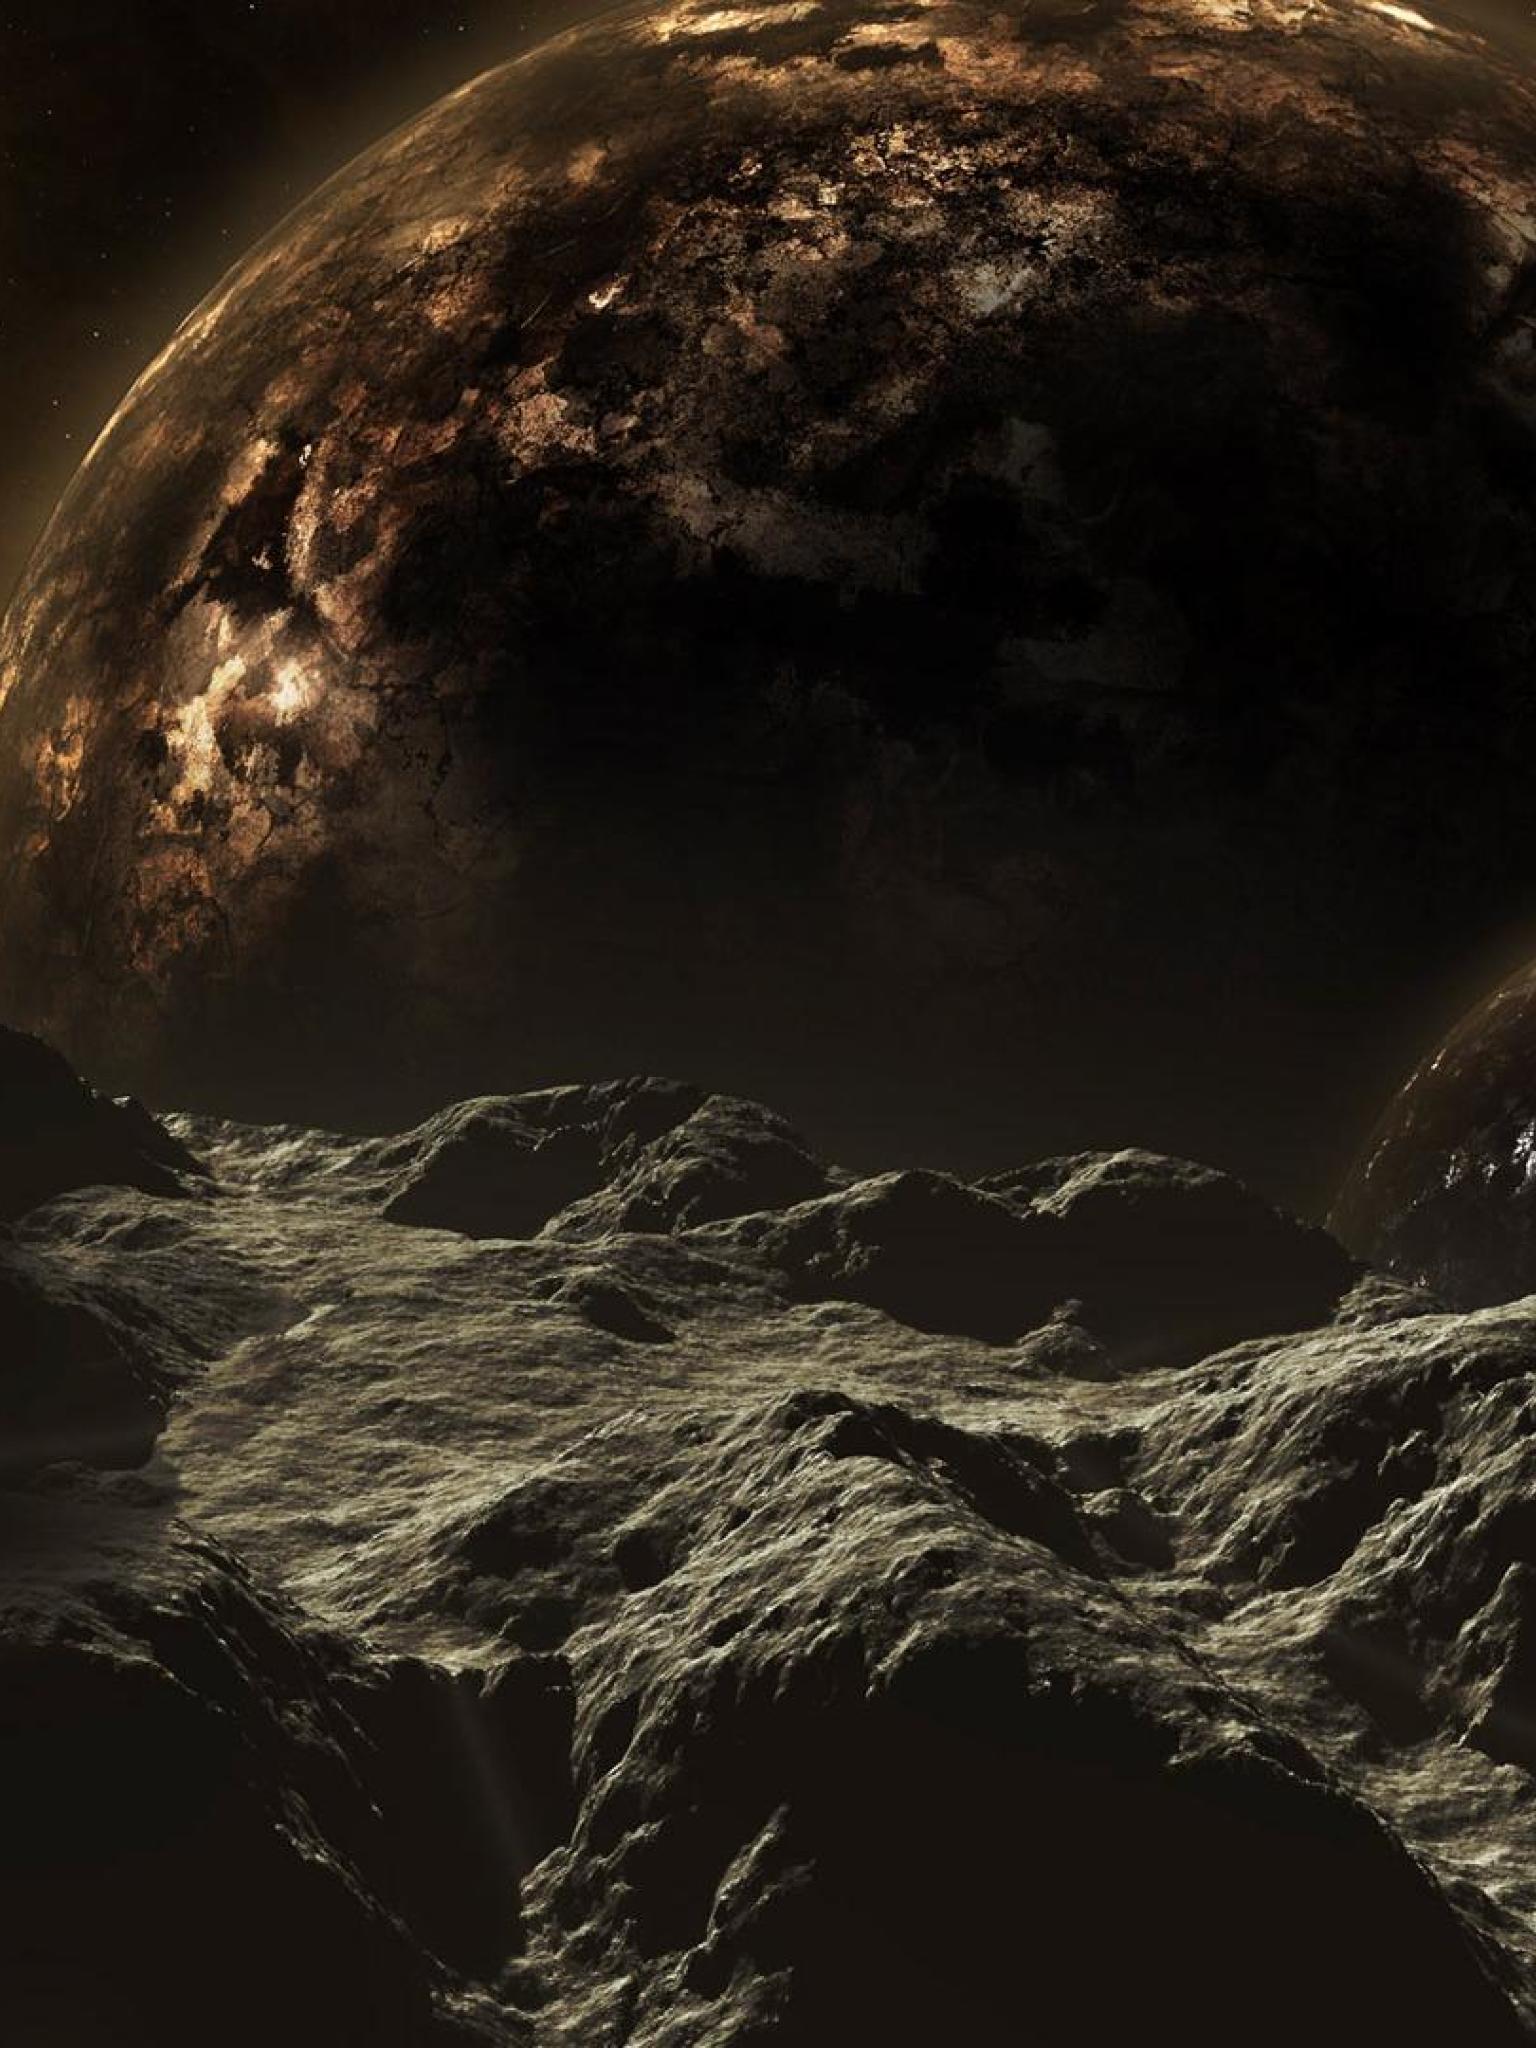 Dark planet 1536x2048 - 1536x2048 ipad ...